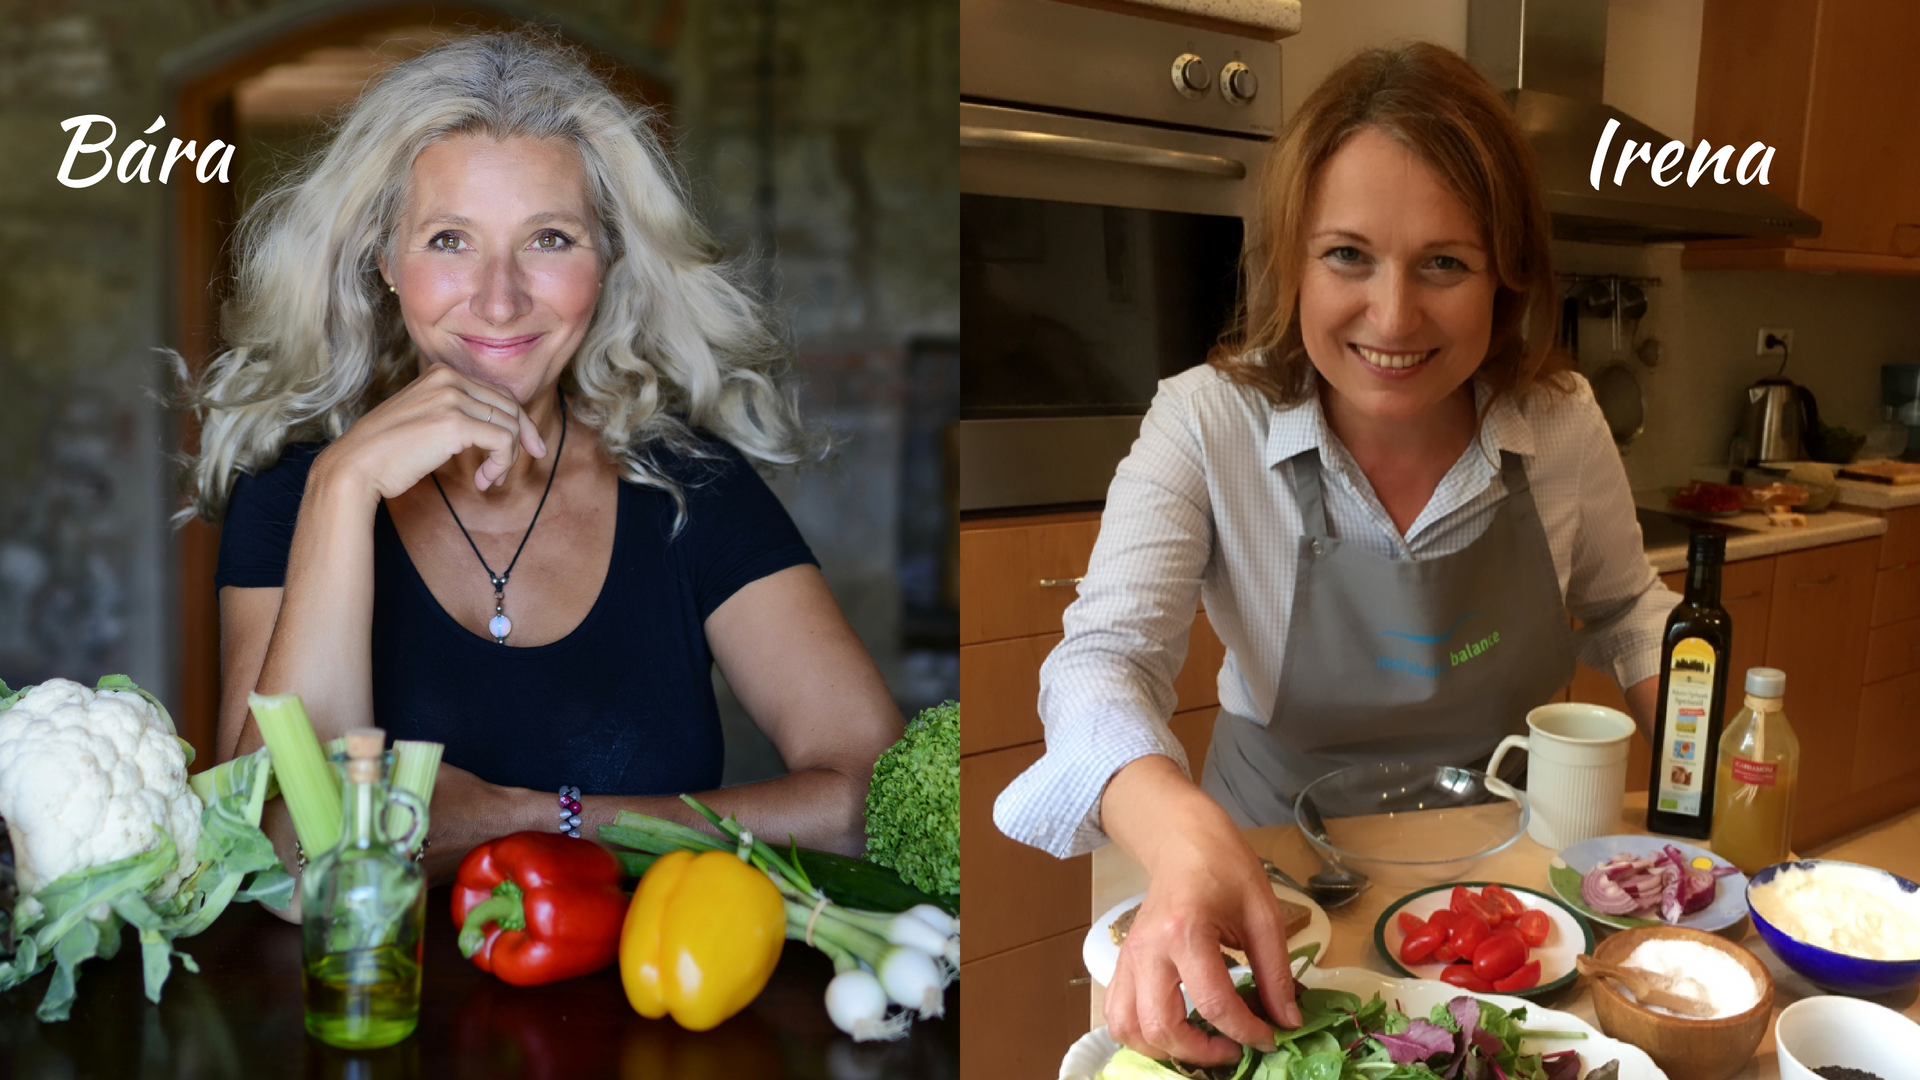 Kurzy vaření -jak zhubnout vmenopauze